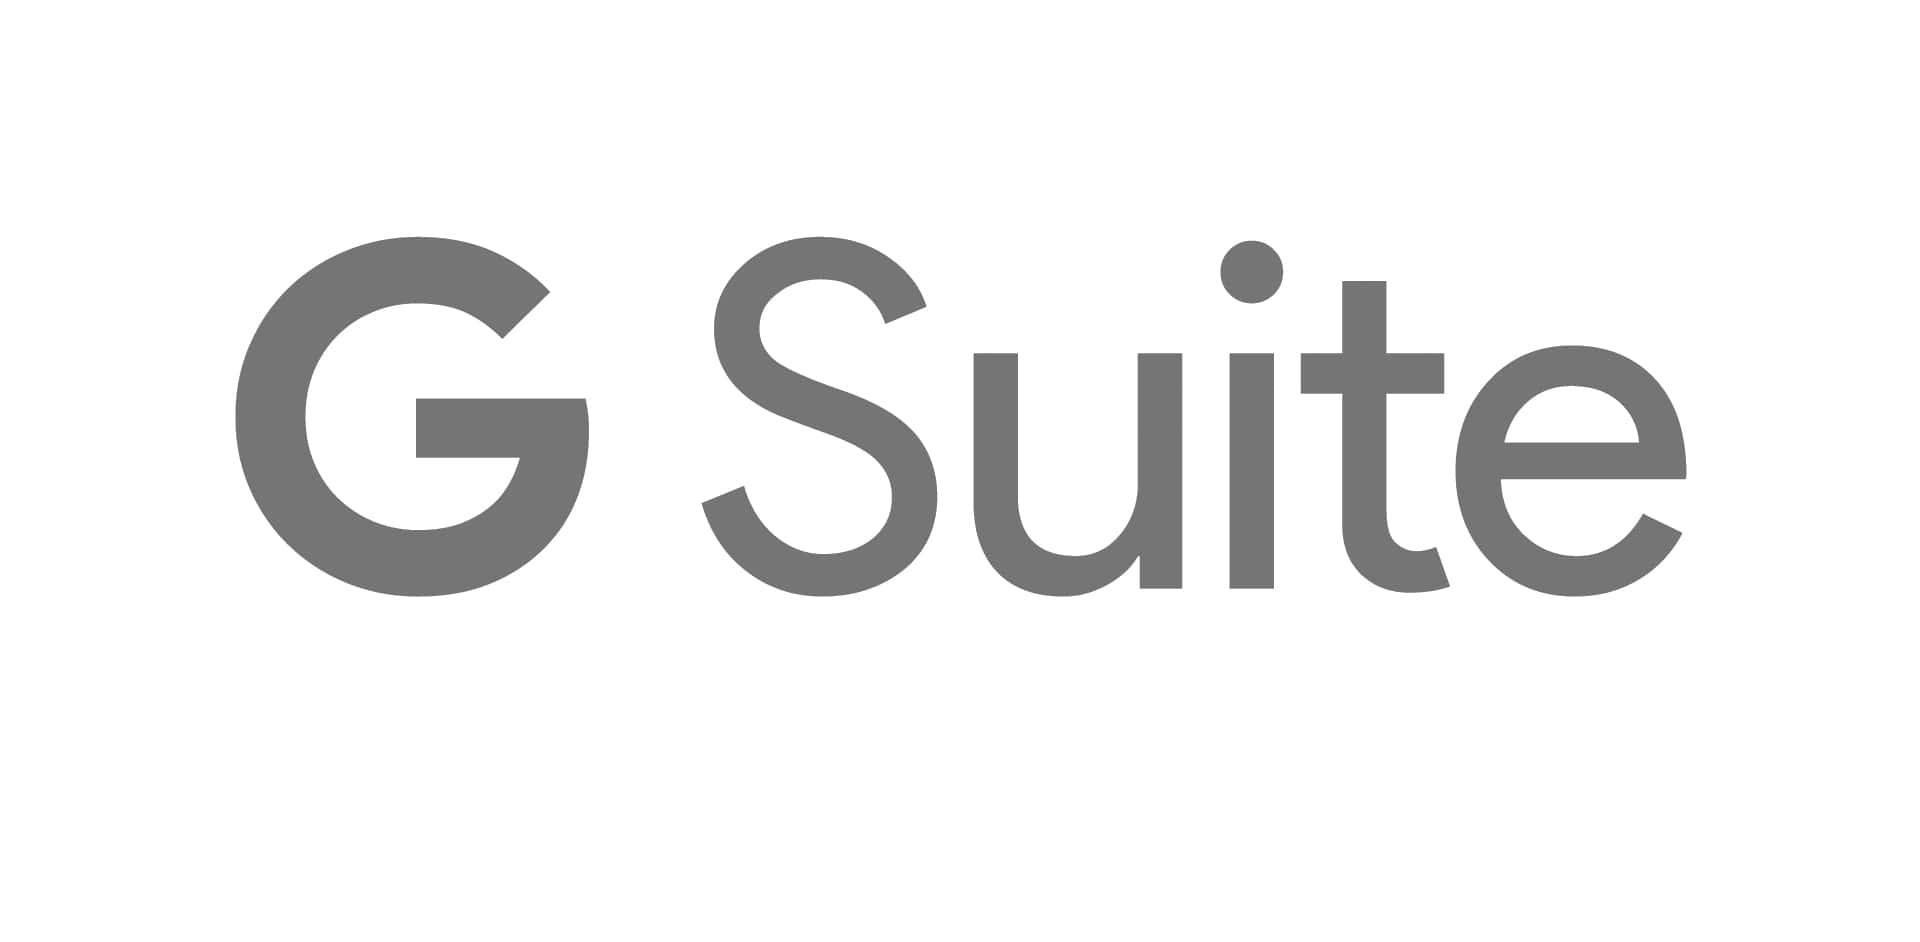 https://cdn.linkadvisors.com.au/wp-content/uploads/media/2020/01/G-Suite-Wordmark.jpg